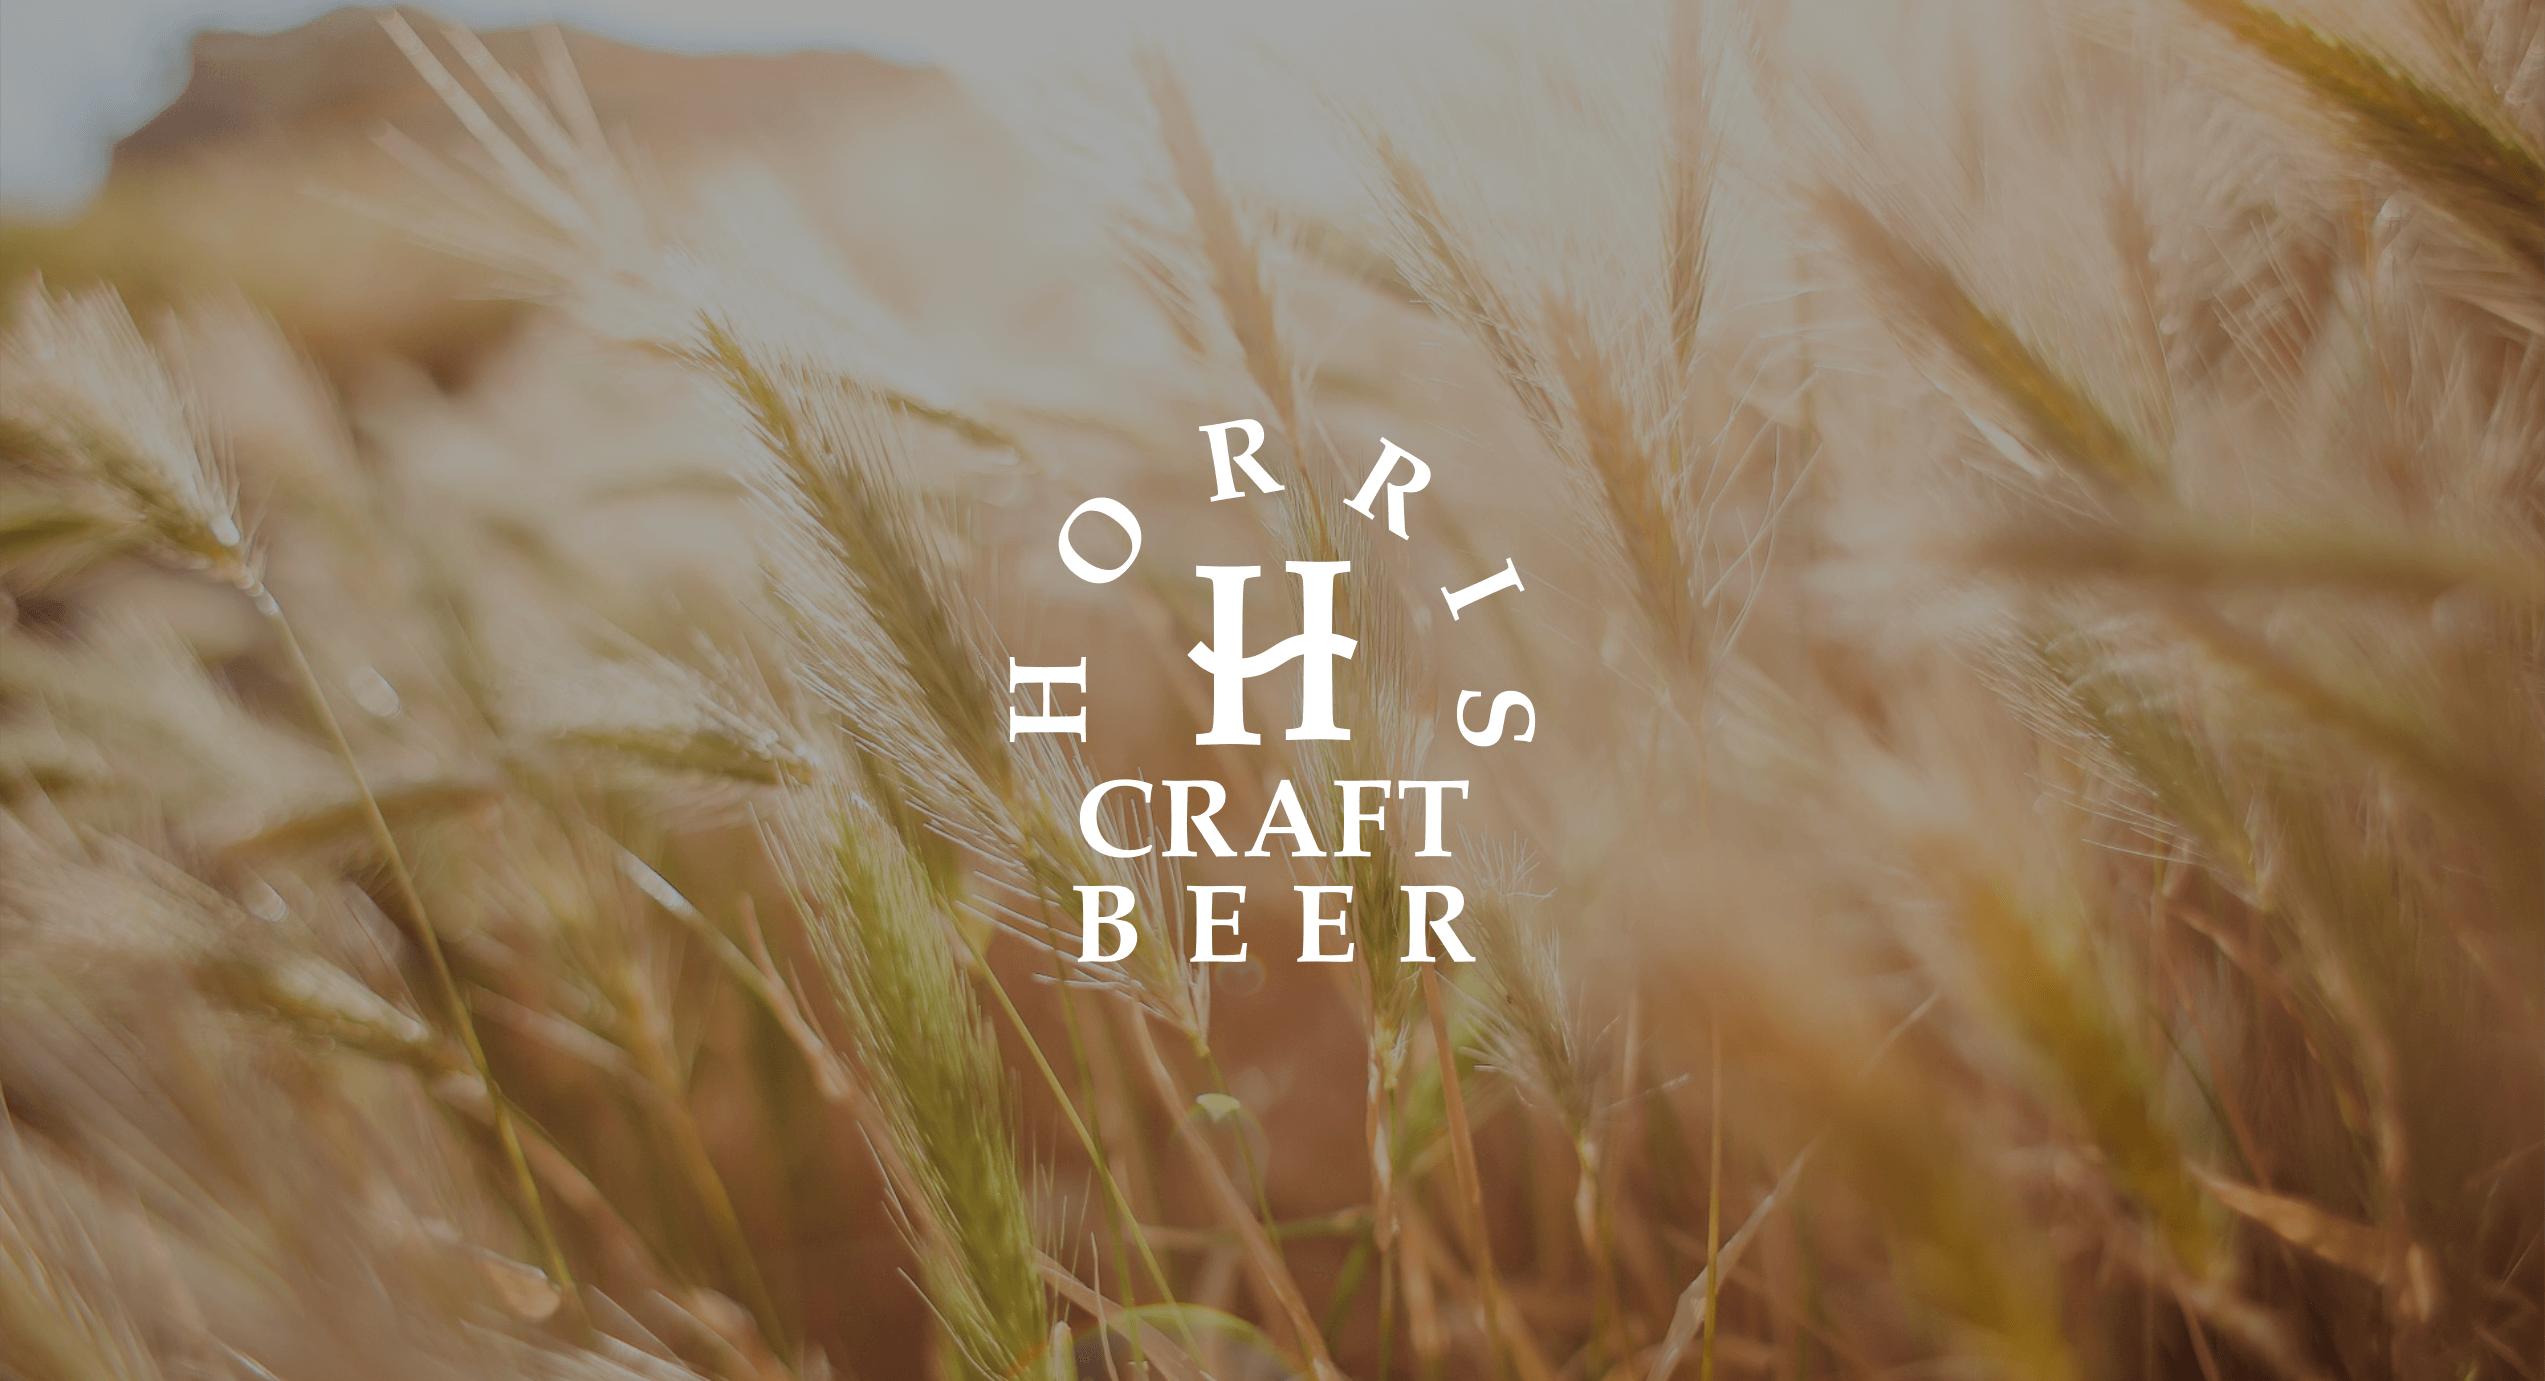 horris logo overlay